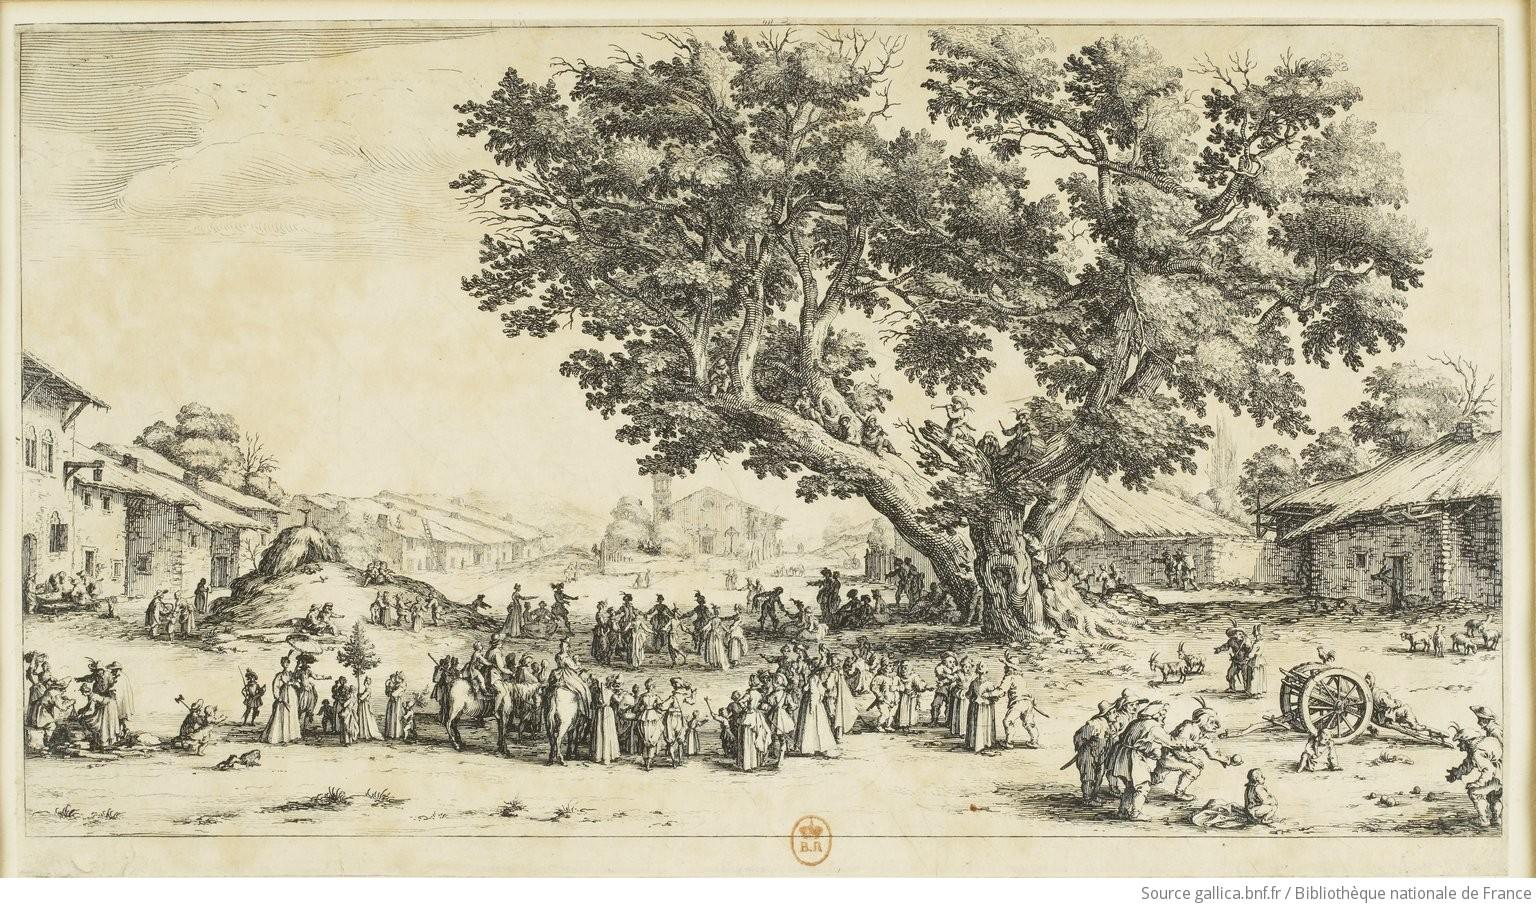 [La foire de Gondreville] : [estampe] ([1er état]) / [Jacques Callot] - 1